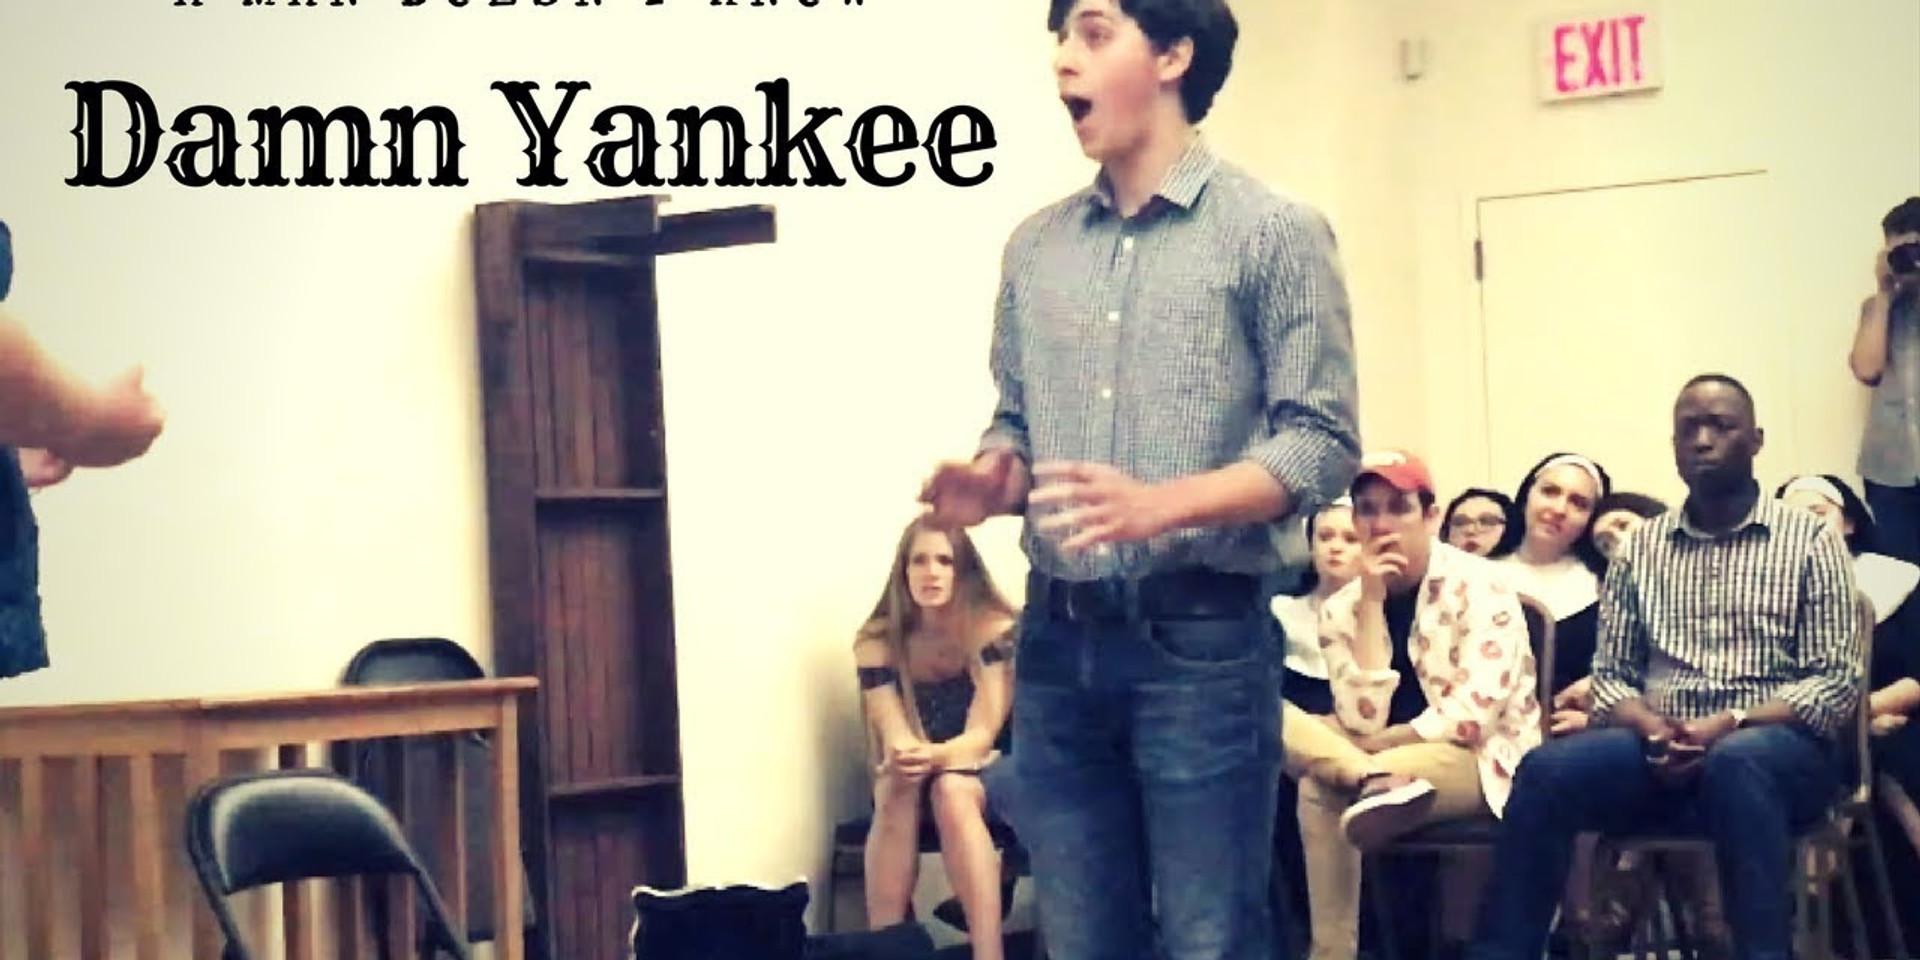 Damn Yankee - Stella Adler Summer Program